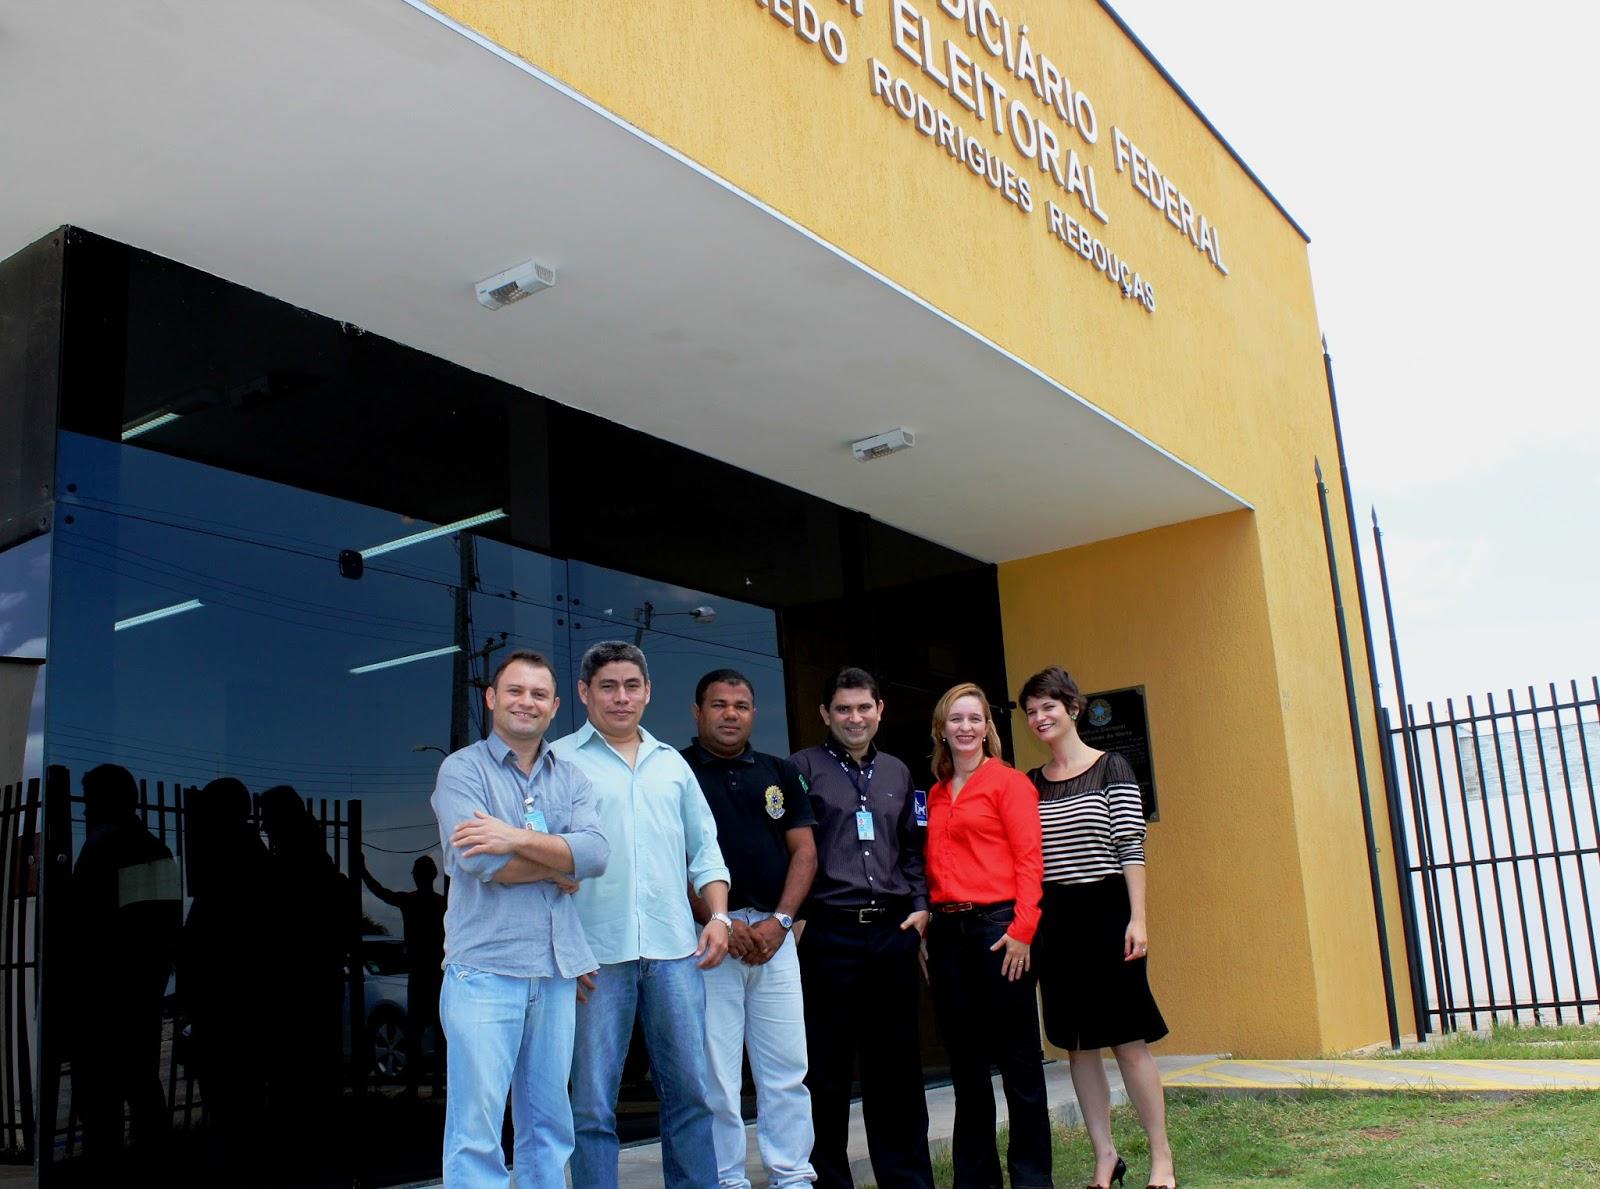 Juíza Uefla Fernandes (blusa vermelha) conclui diplomação dos eleitos nesta sexta  (Foto: Jailton Rodrigues)